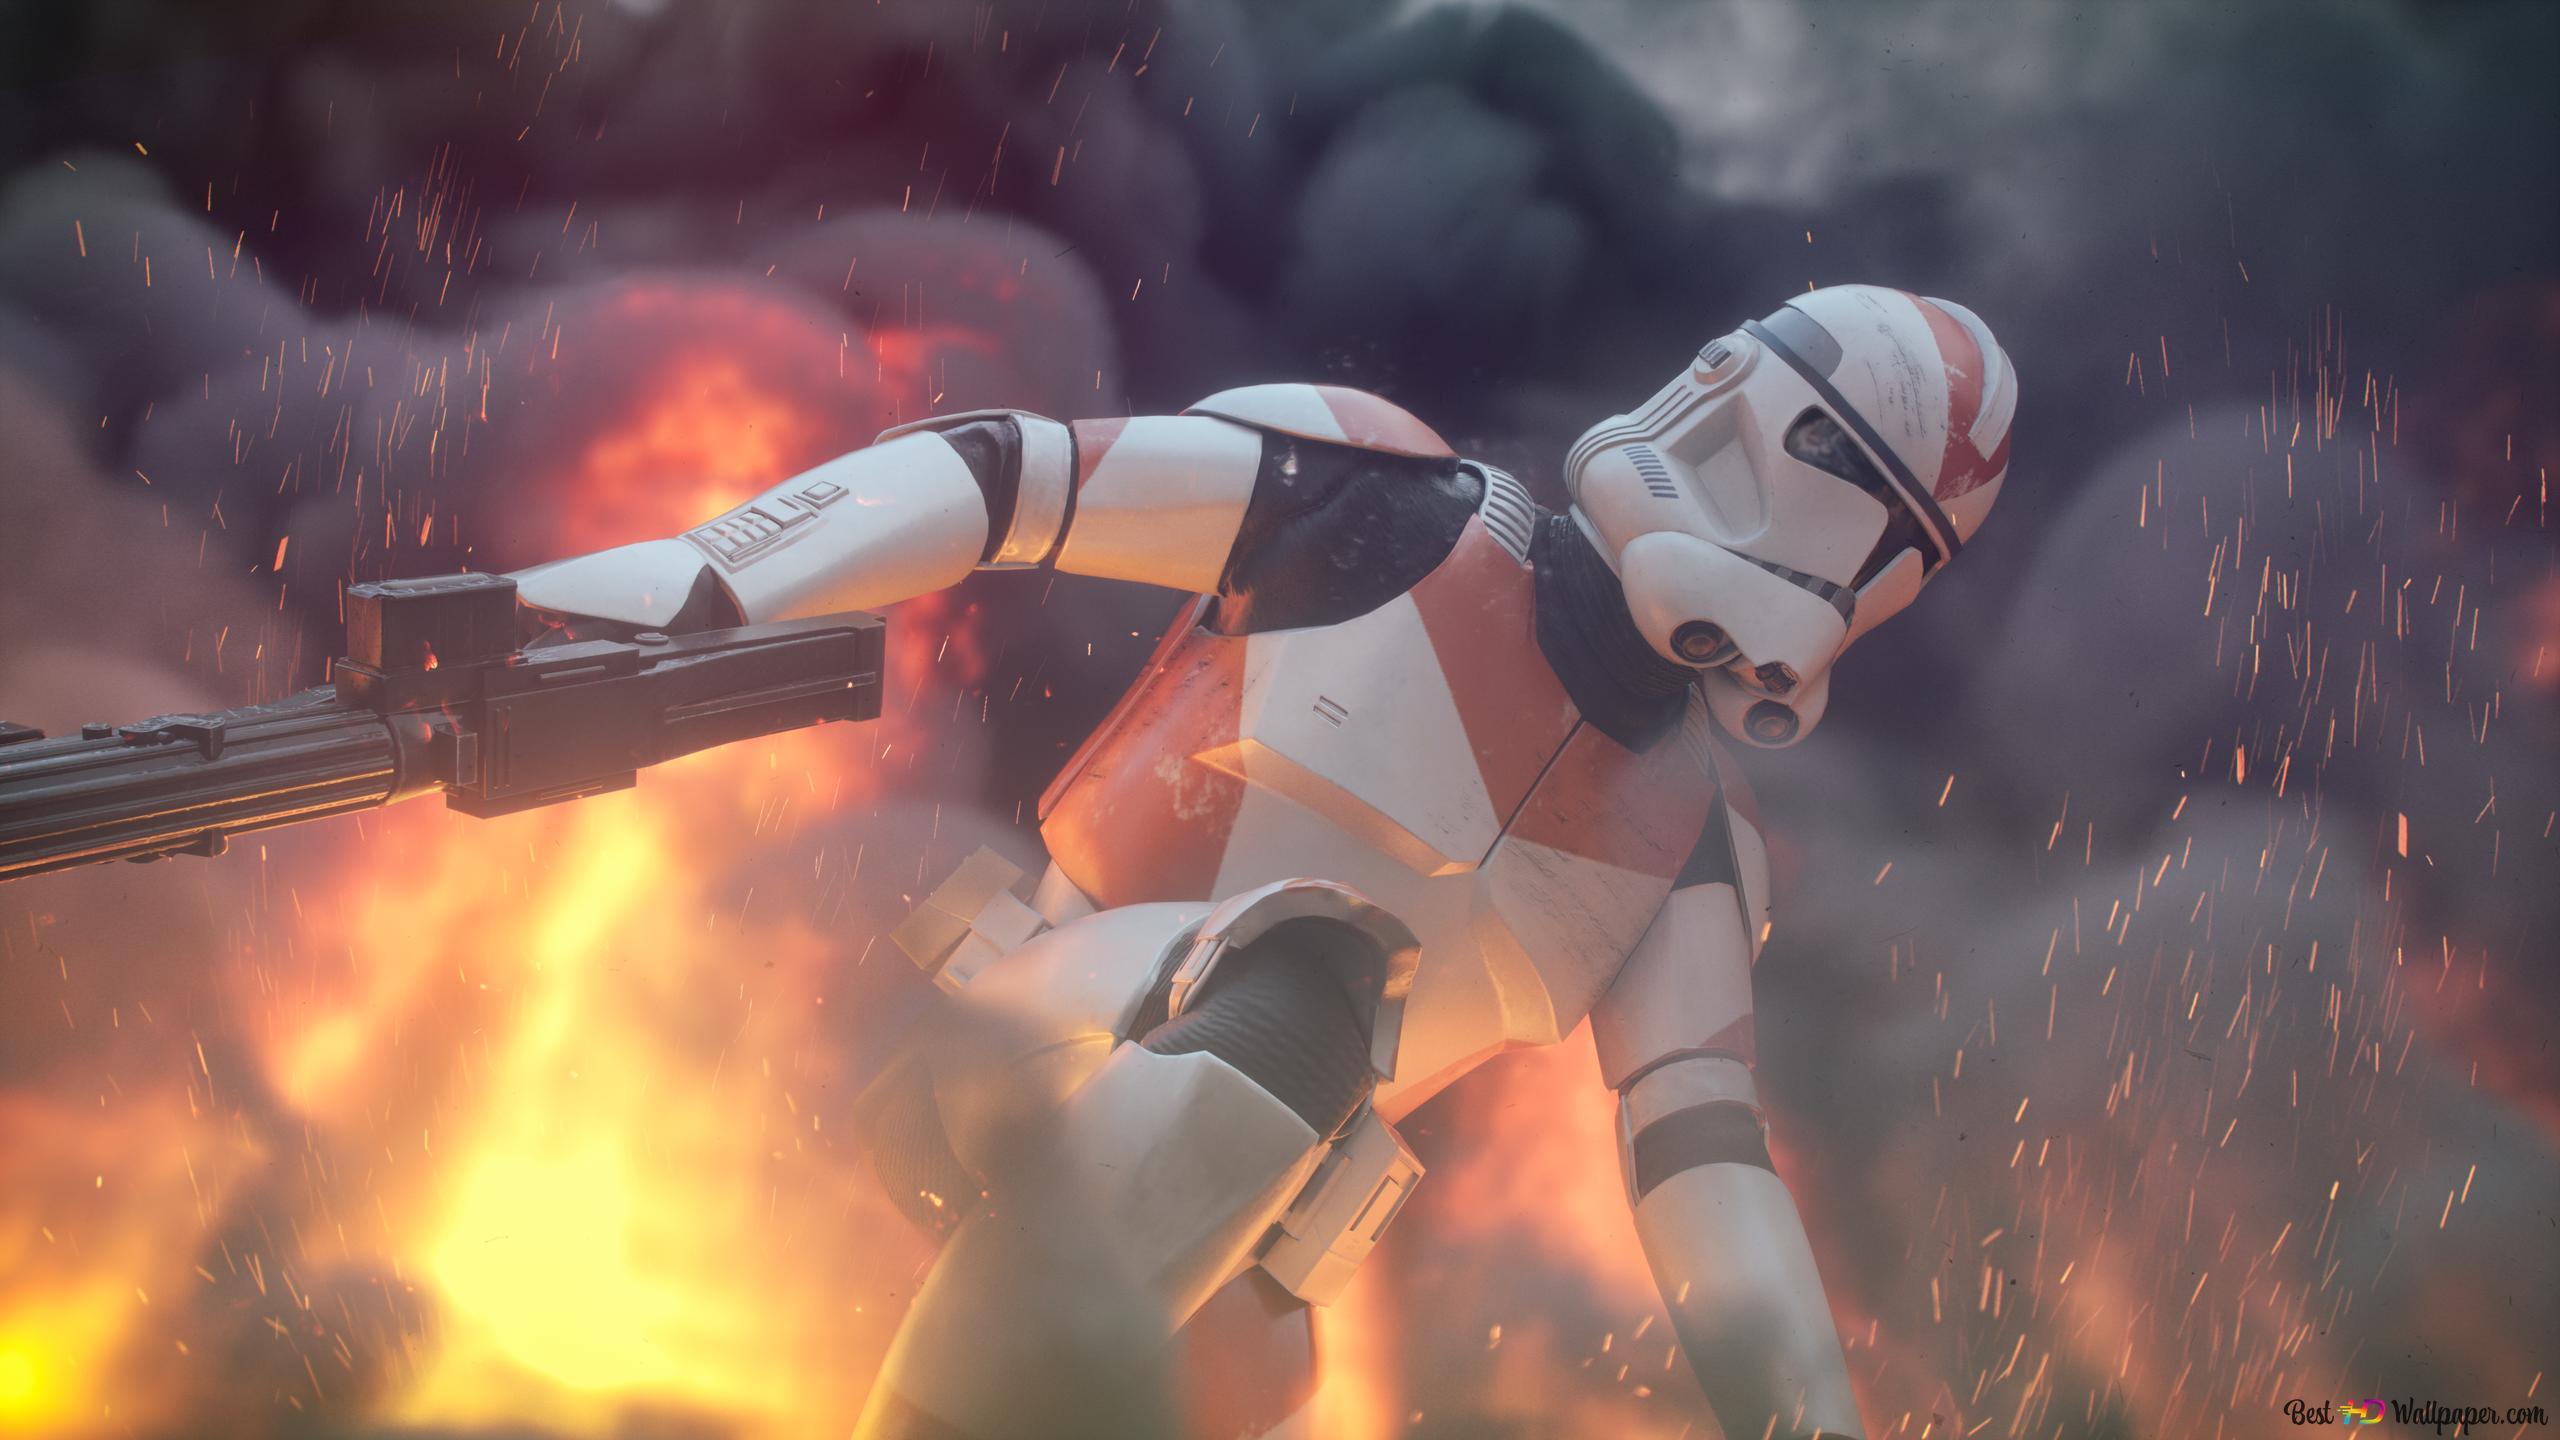 Star Wars Clone Trooper Hd Wallpaper Download